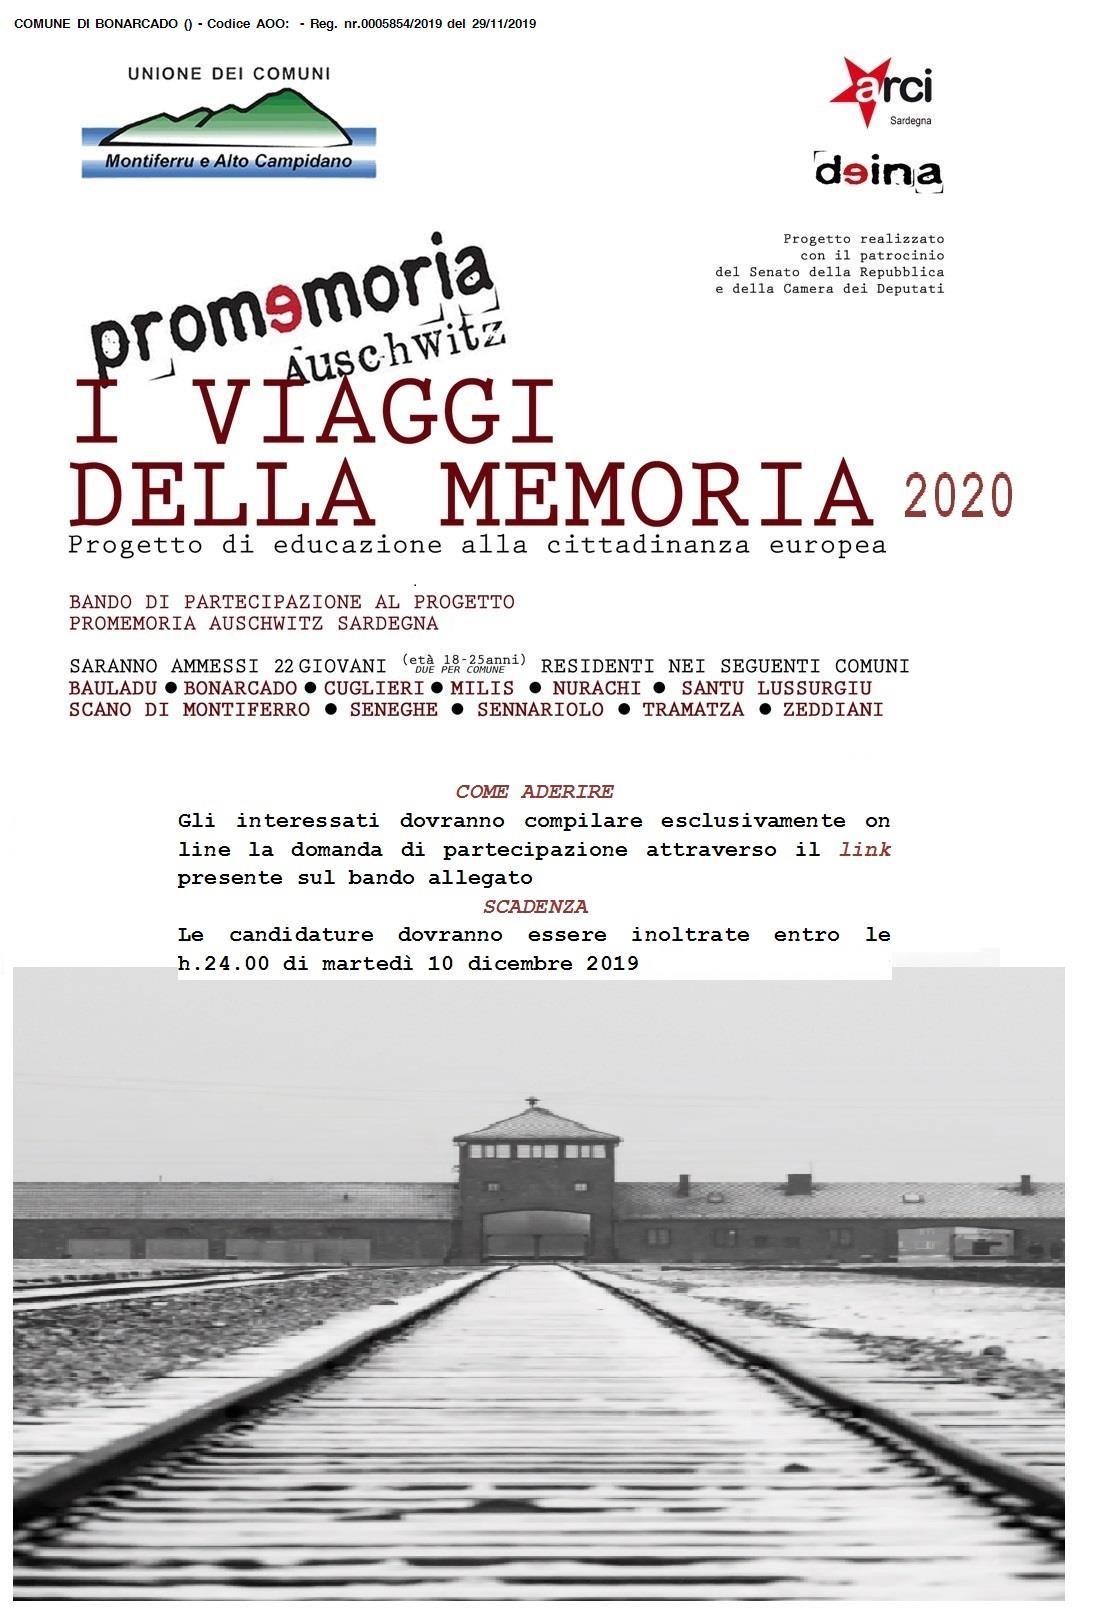 VIAGGI DELLA MEMORIA 2020